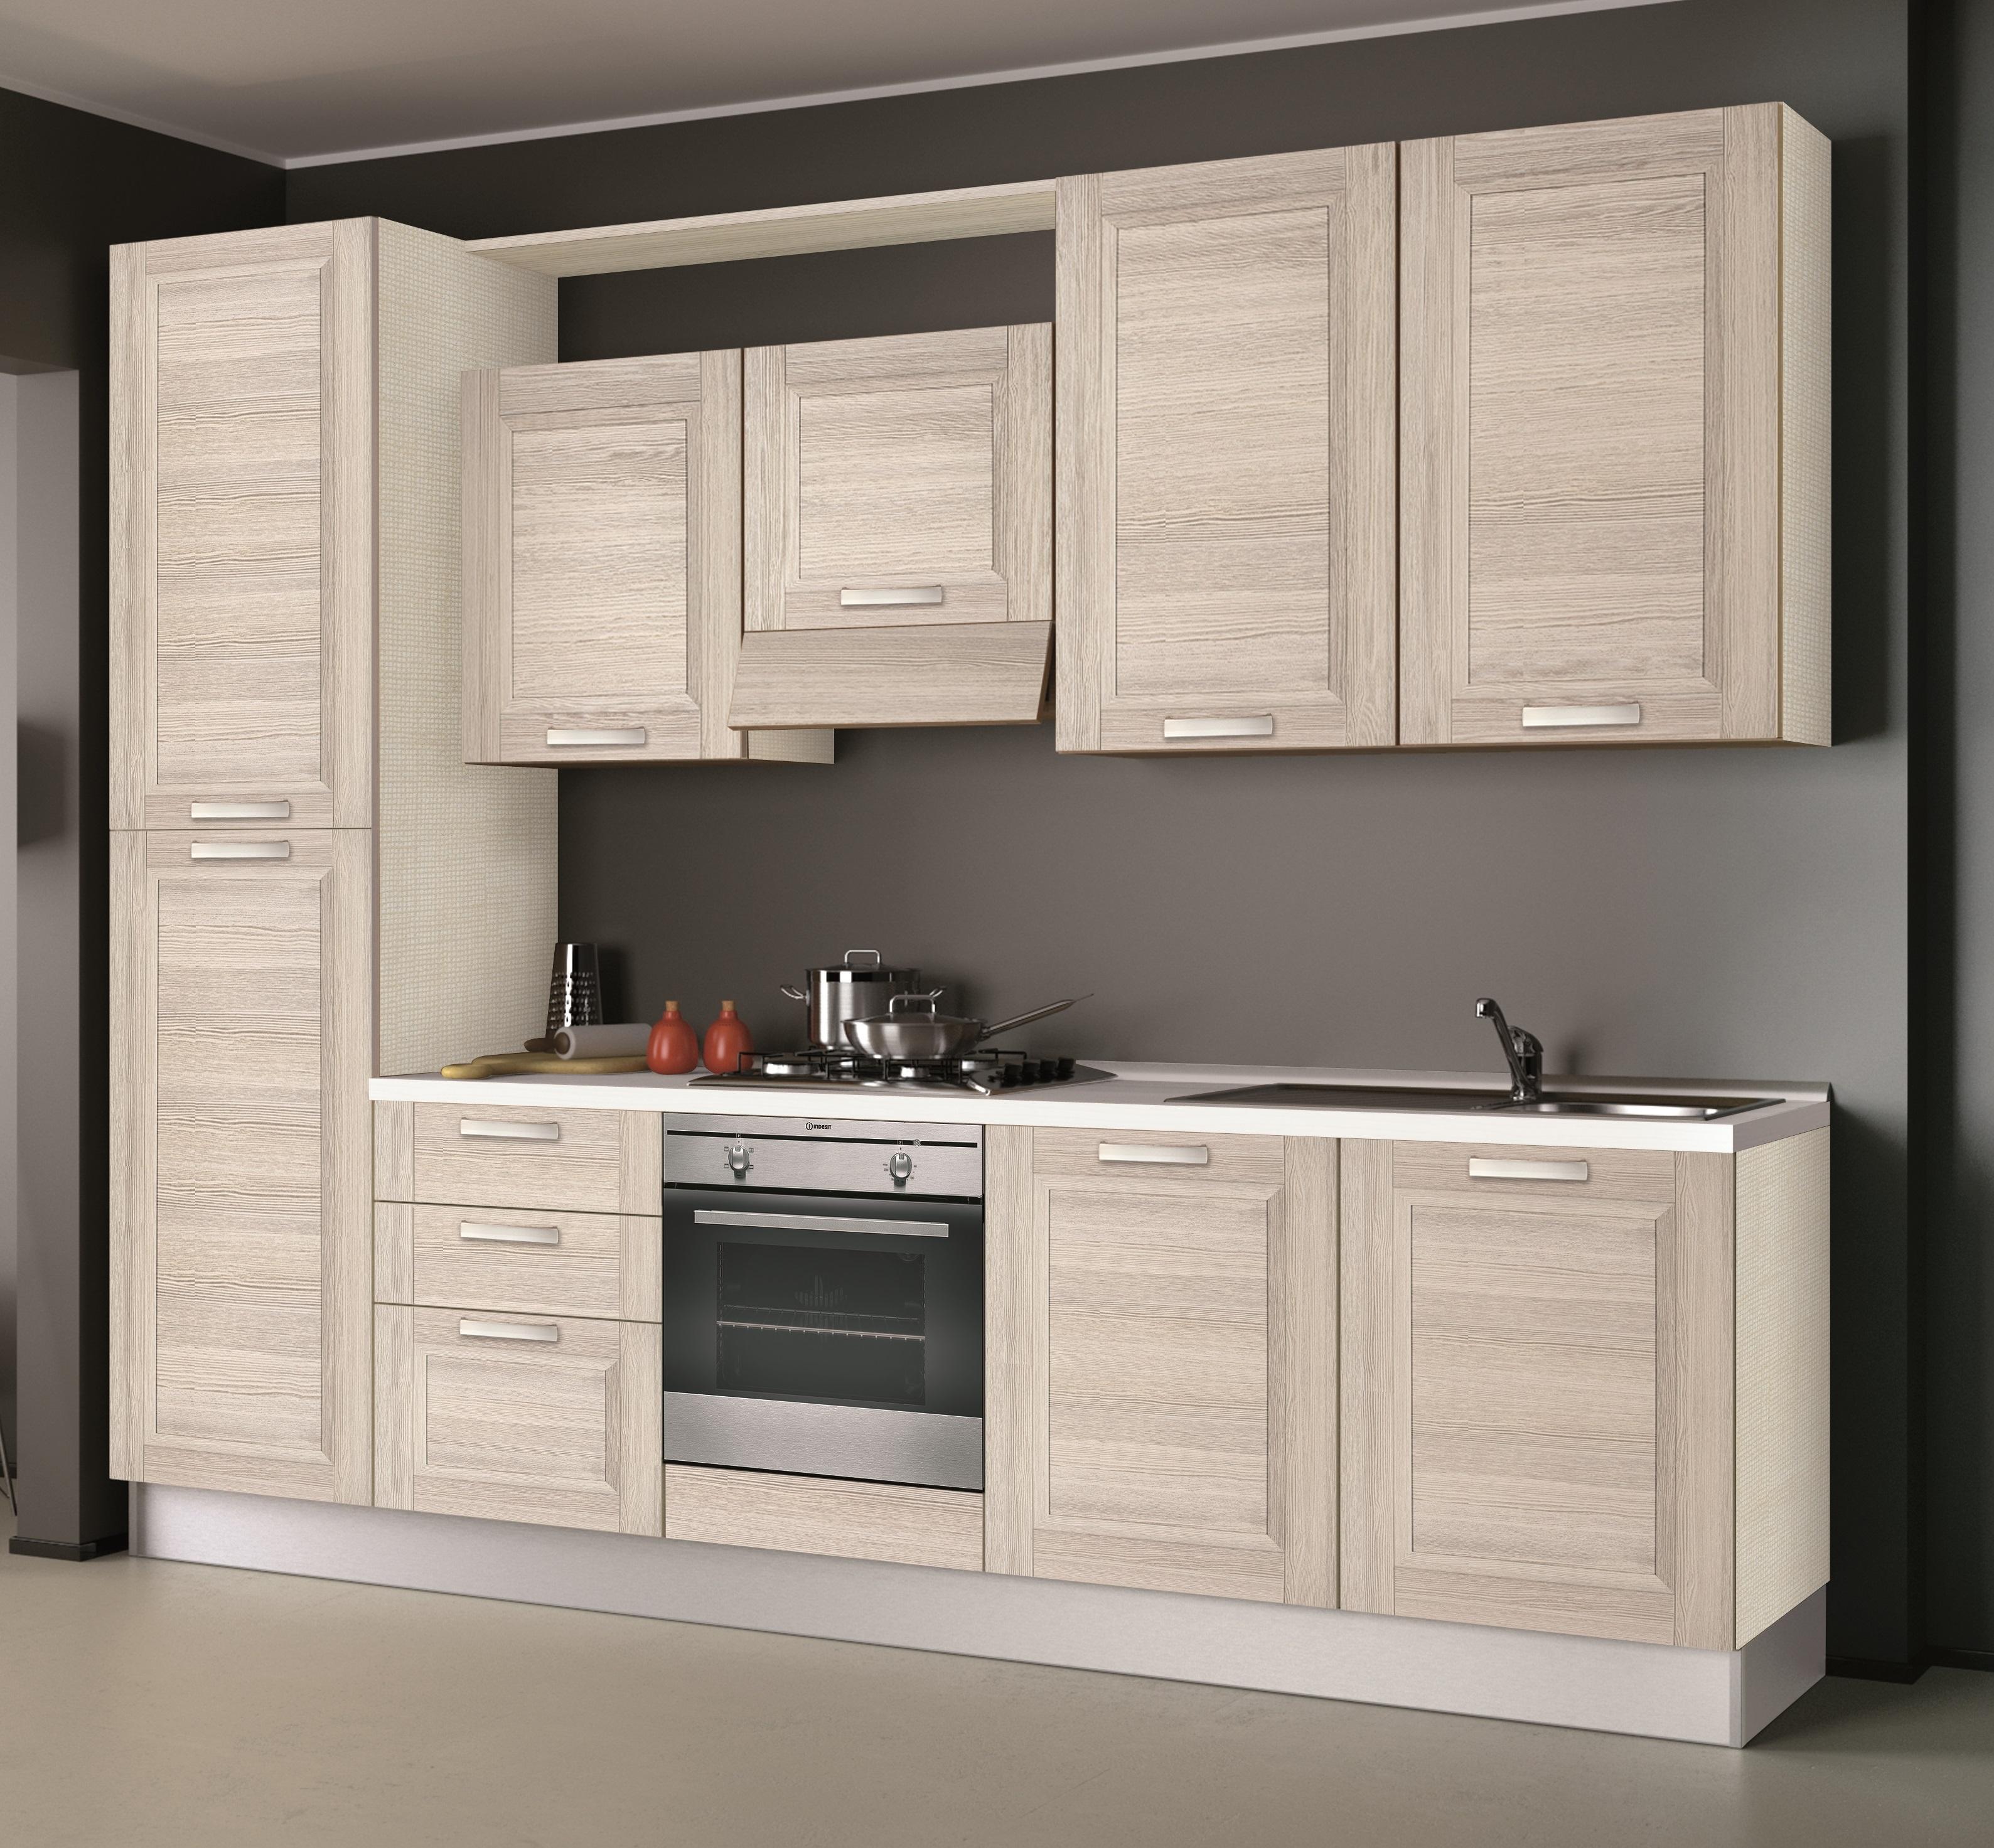 Promo 114 arredamenti centro cucine battistelli eric for Cucina 4 metri lineari prezzi